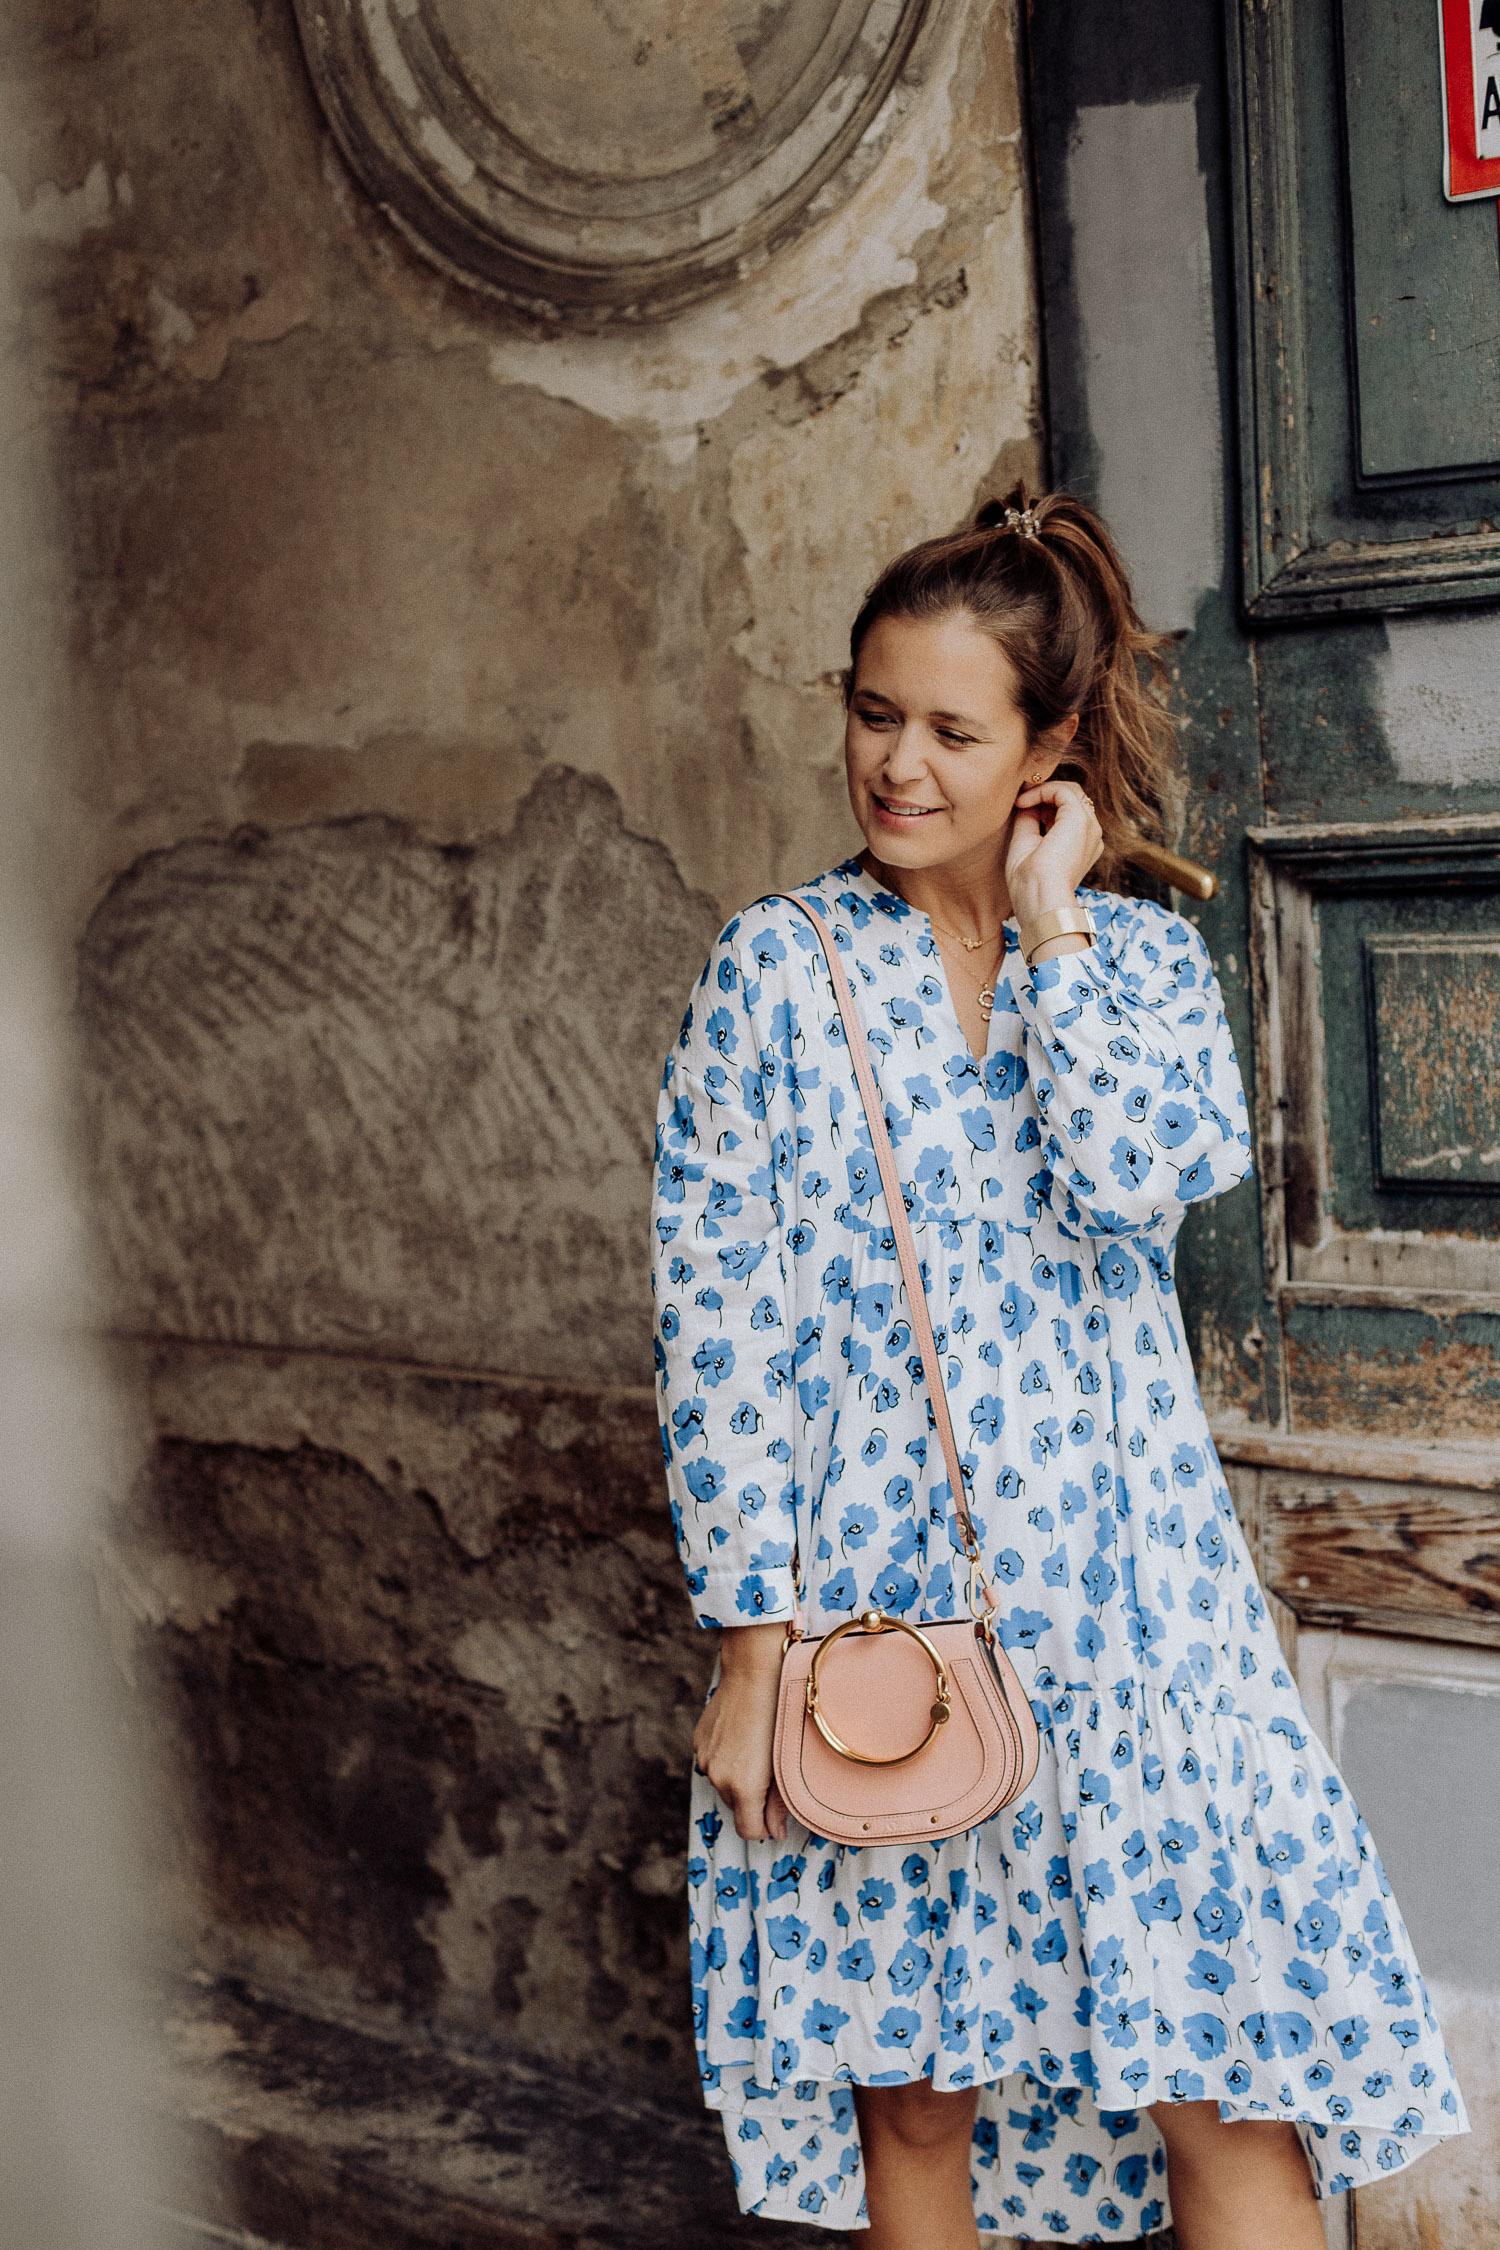 zara kleid blumen blau-2 - josie loves